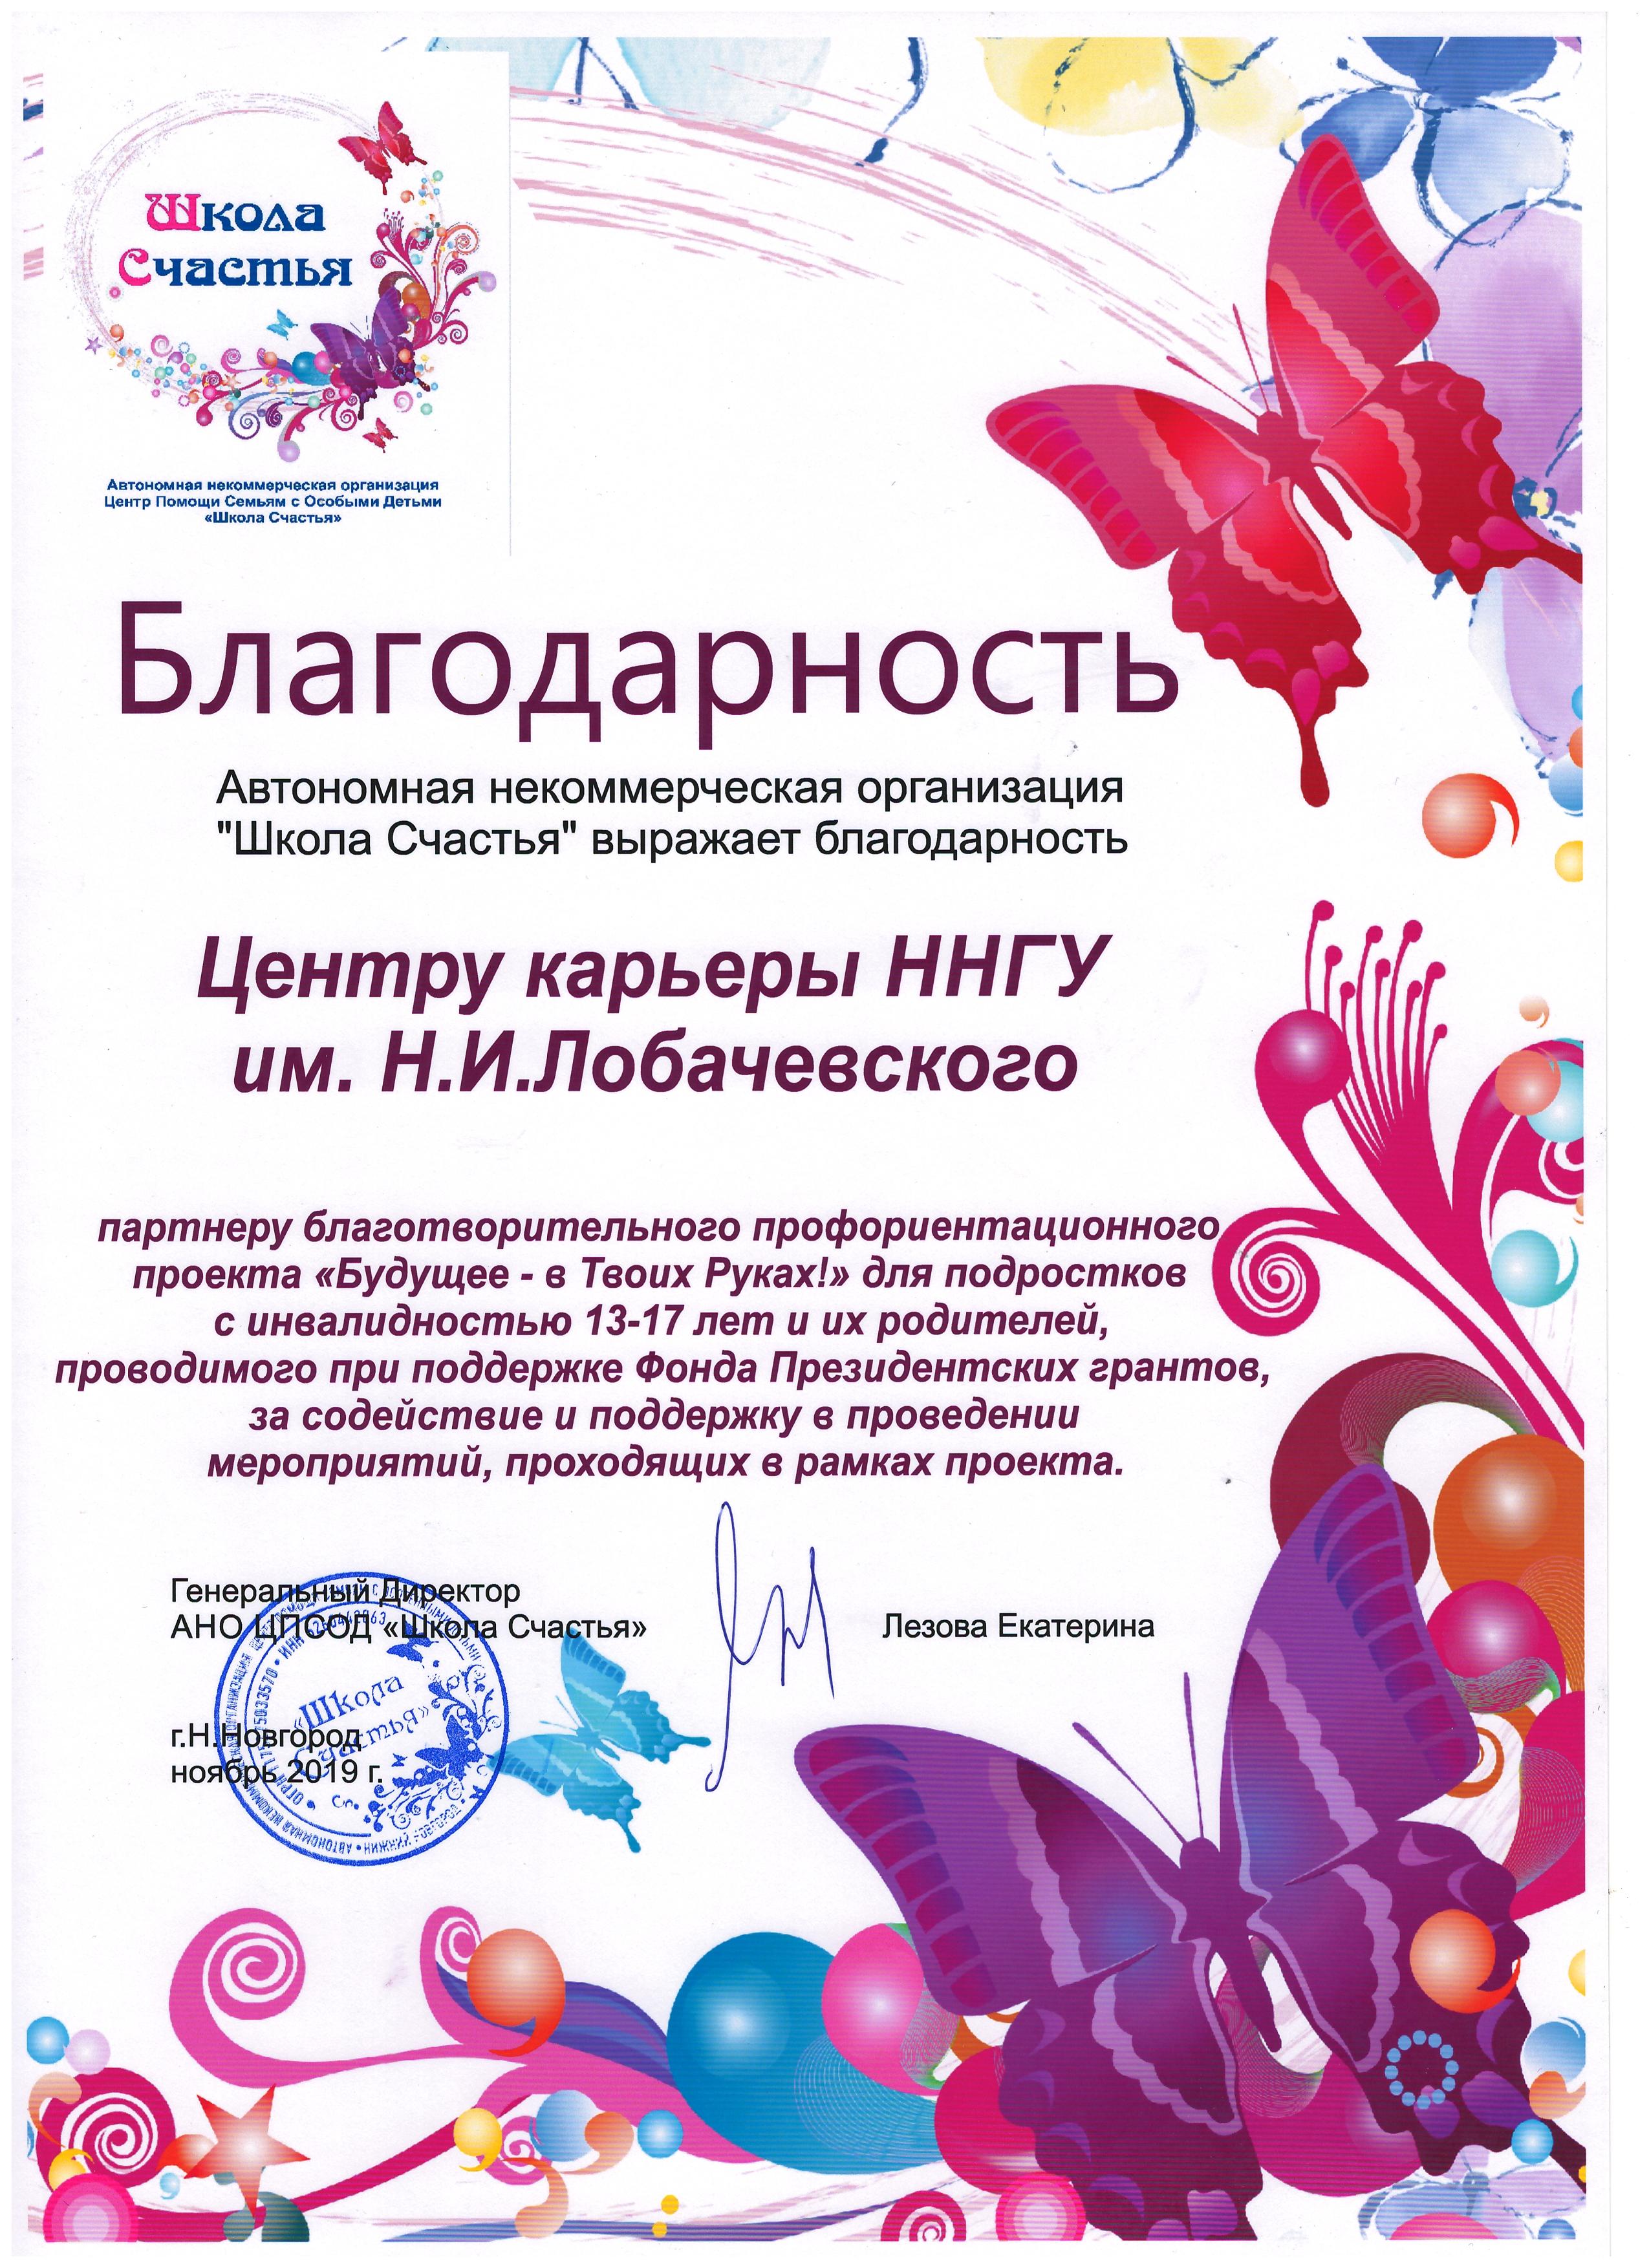 Blagodarstvennoe_pismo_ot_Shkoly_schastya